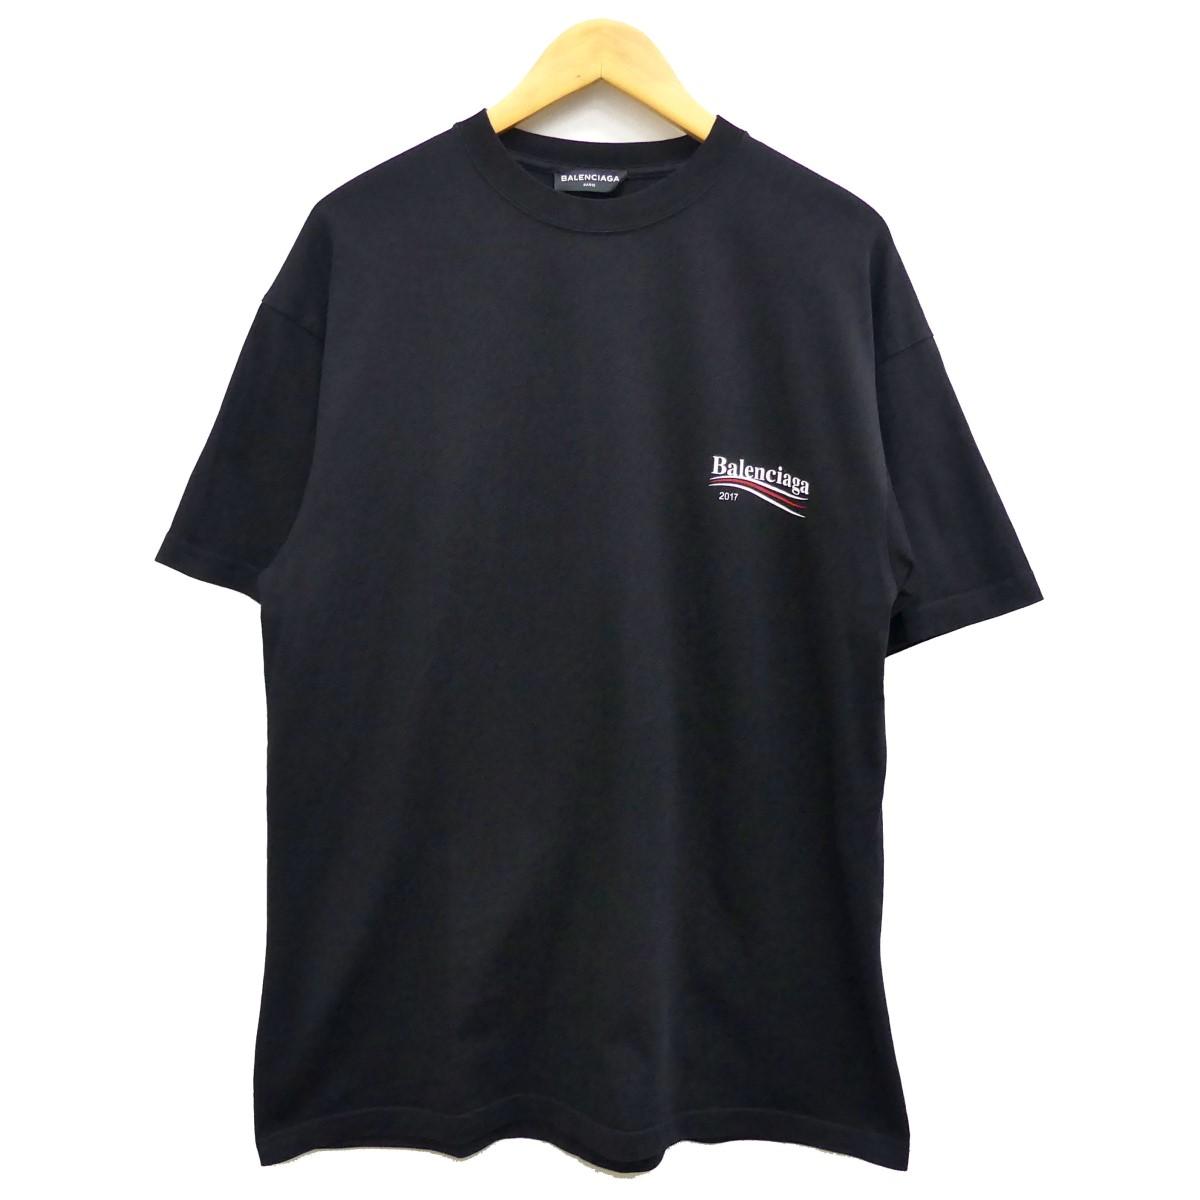 【中古】BALENCIAGA キャンペーンロゴTシャツ ブラック サイズ:XS 【290420】(バレンシアガ)